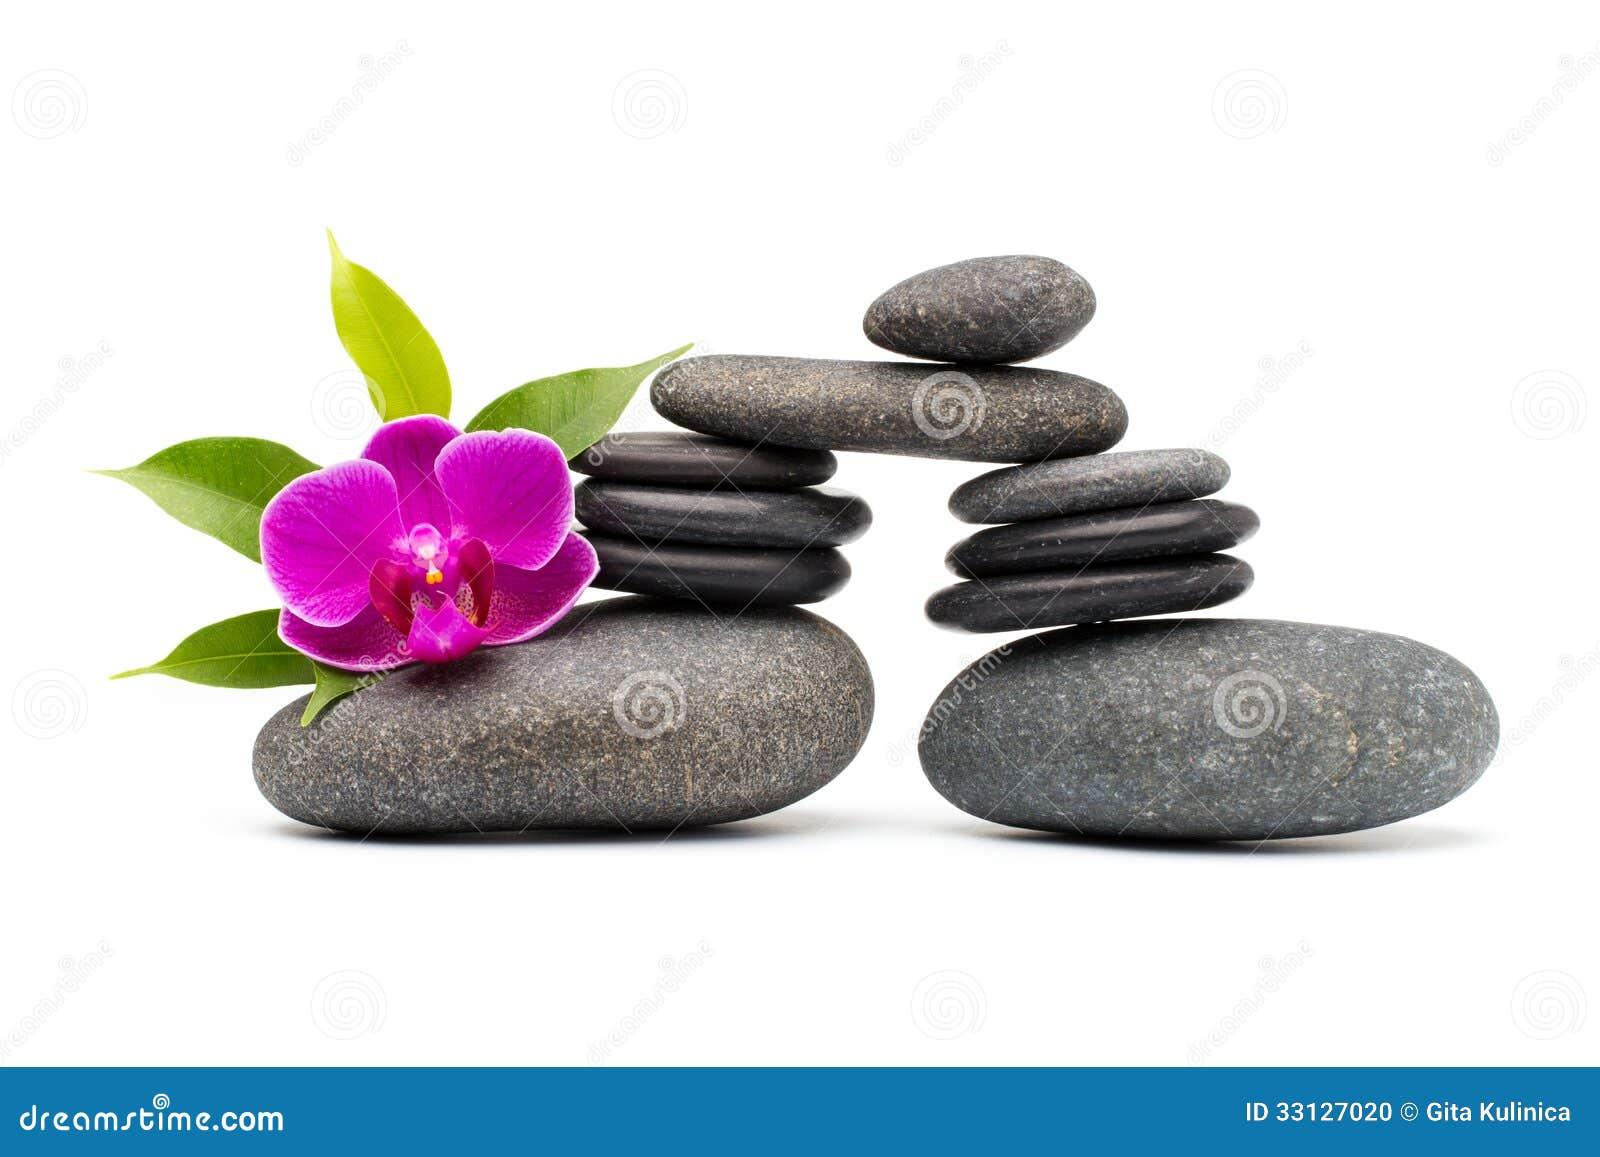 Spa Stones. Stock Photo - Image: 33127020